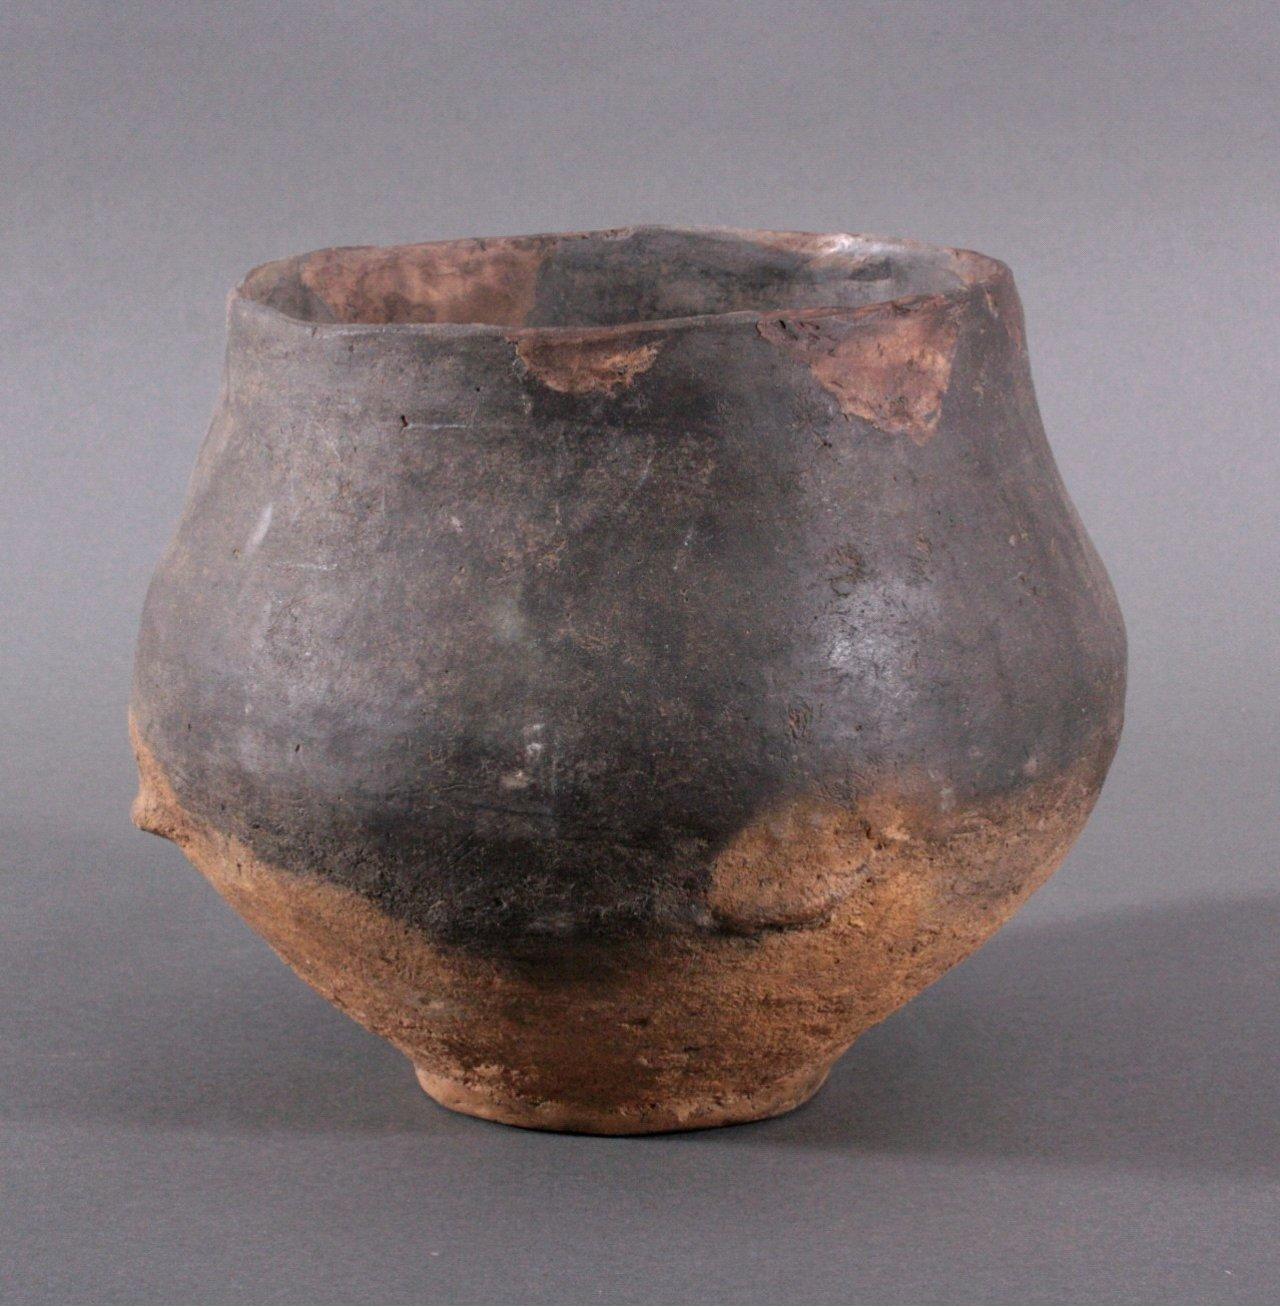 Gefäß der Lausitzer Kultur (900-500 v. Chr.)